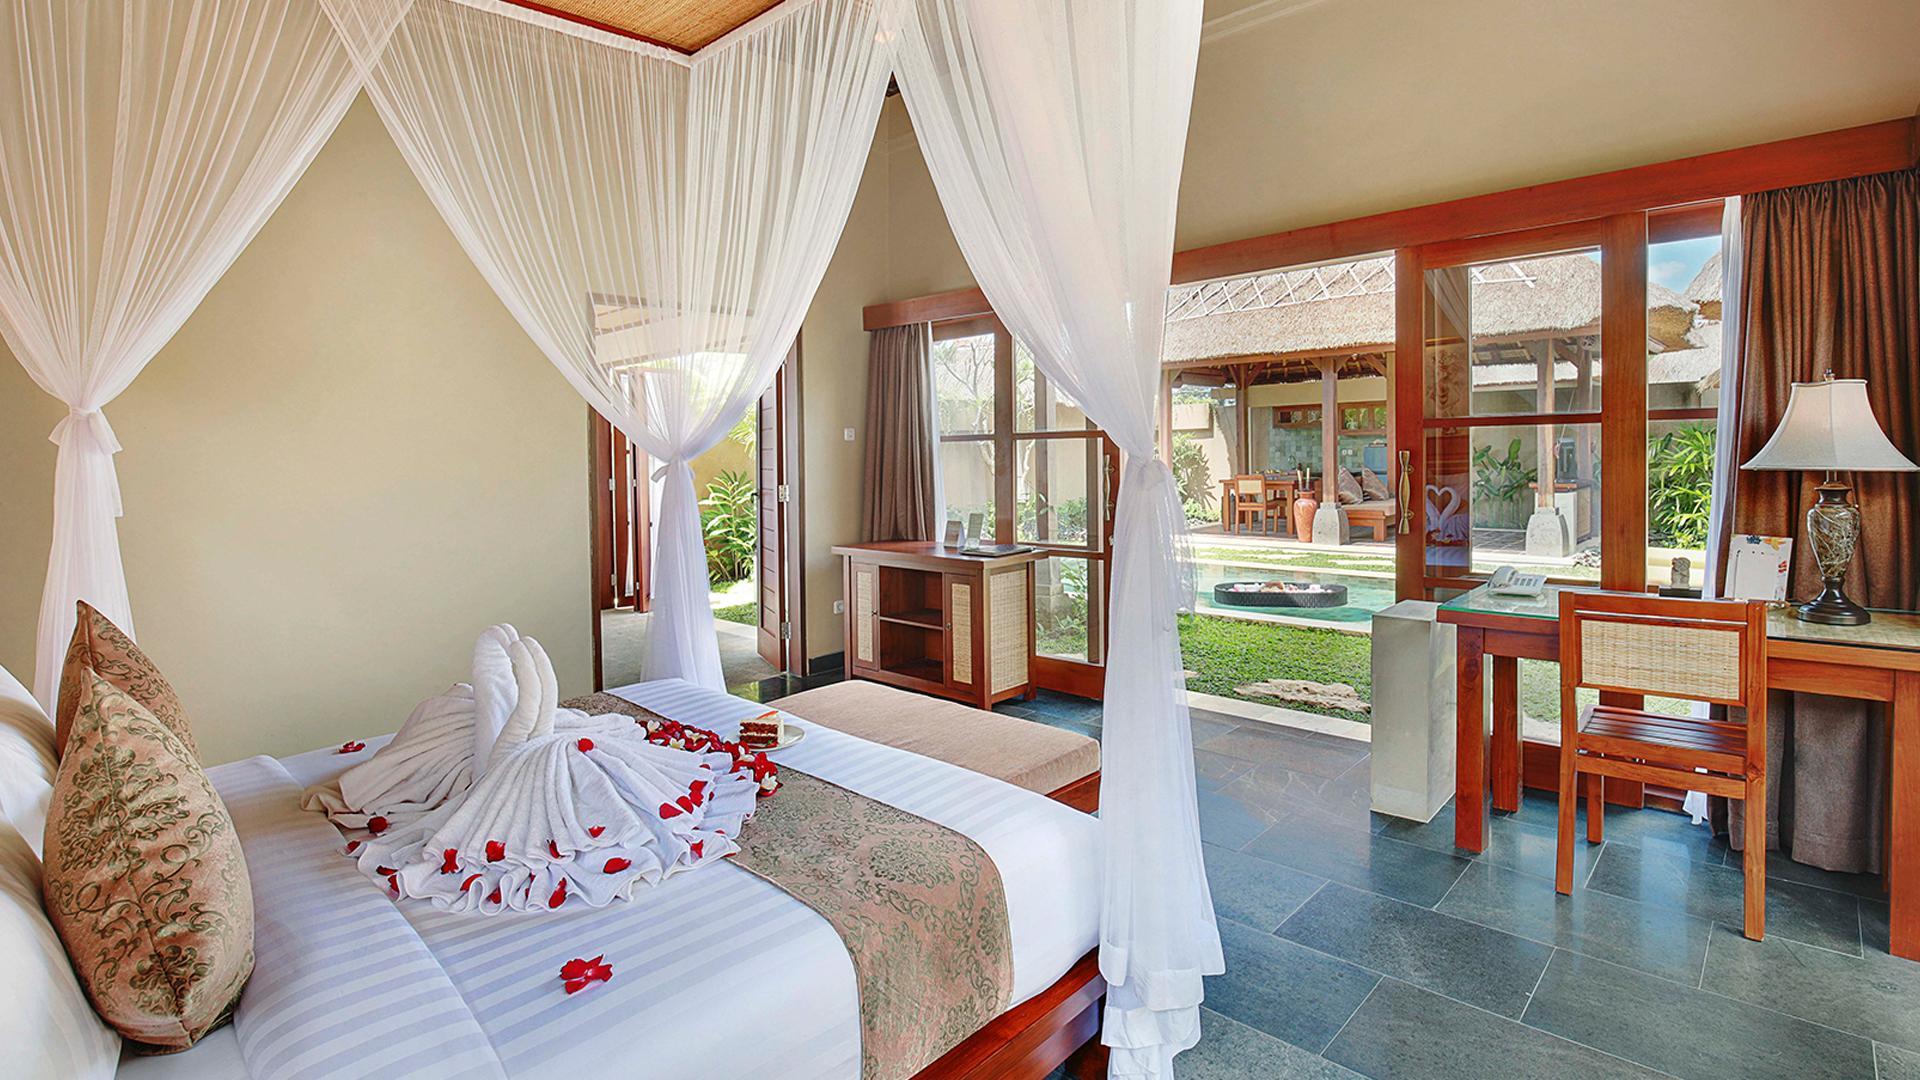 Honeymoon Suite Pool Villa image 1 at Ubud Nyuh Bali Resort & Spa - Older by Kabupaten Gianyar, Bali, Indonesia